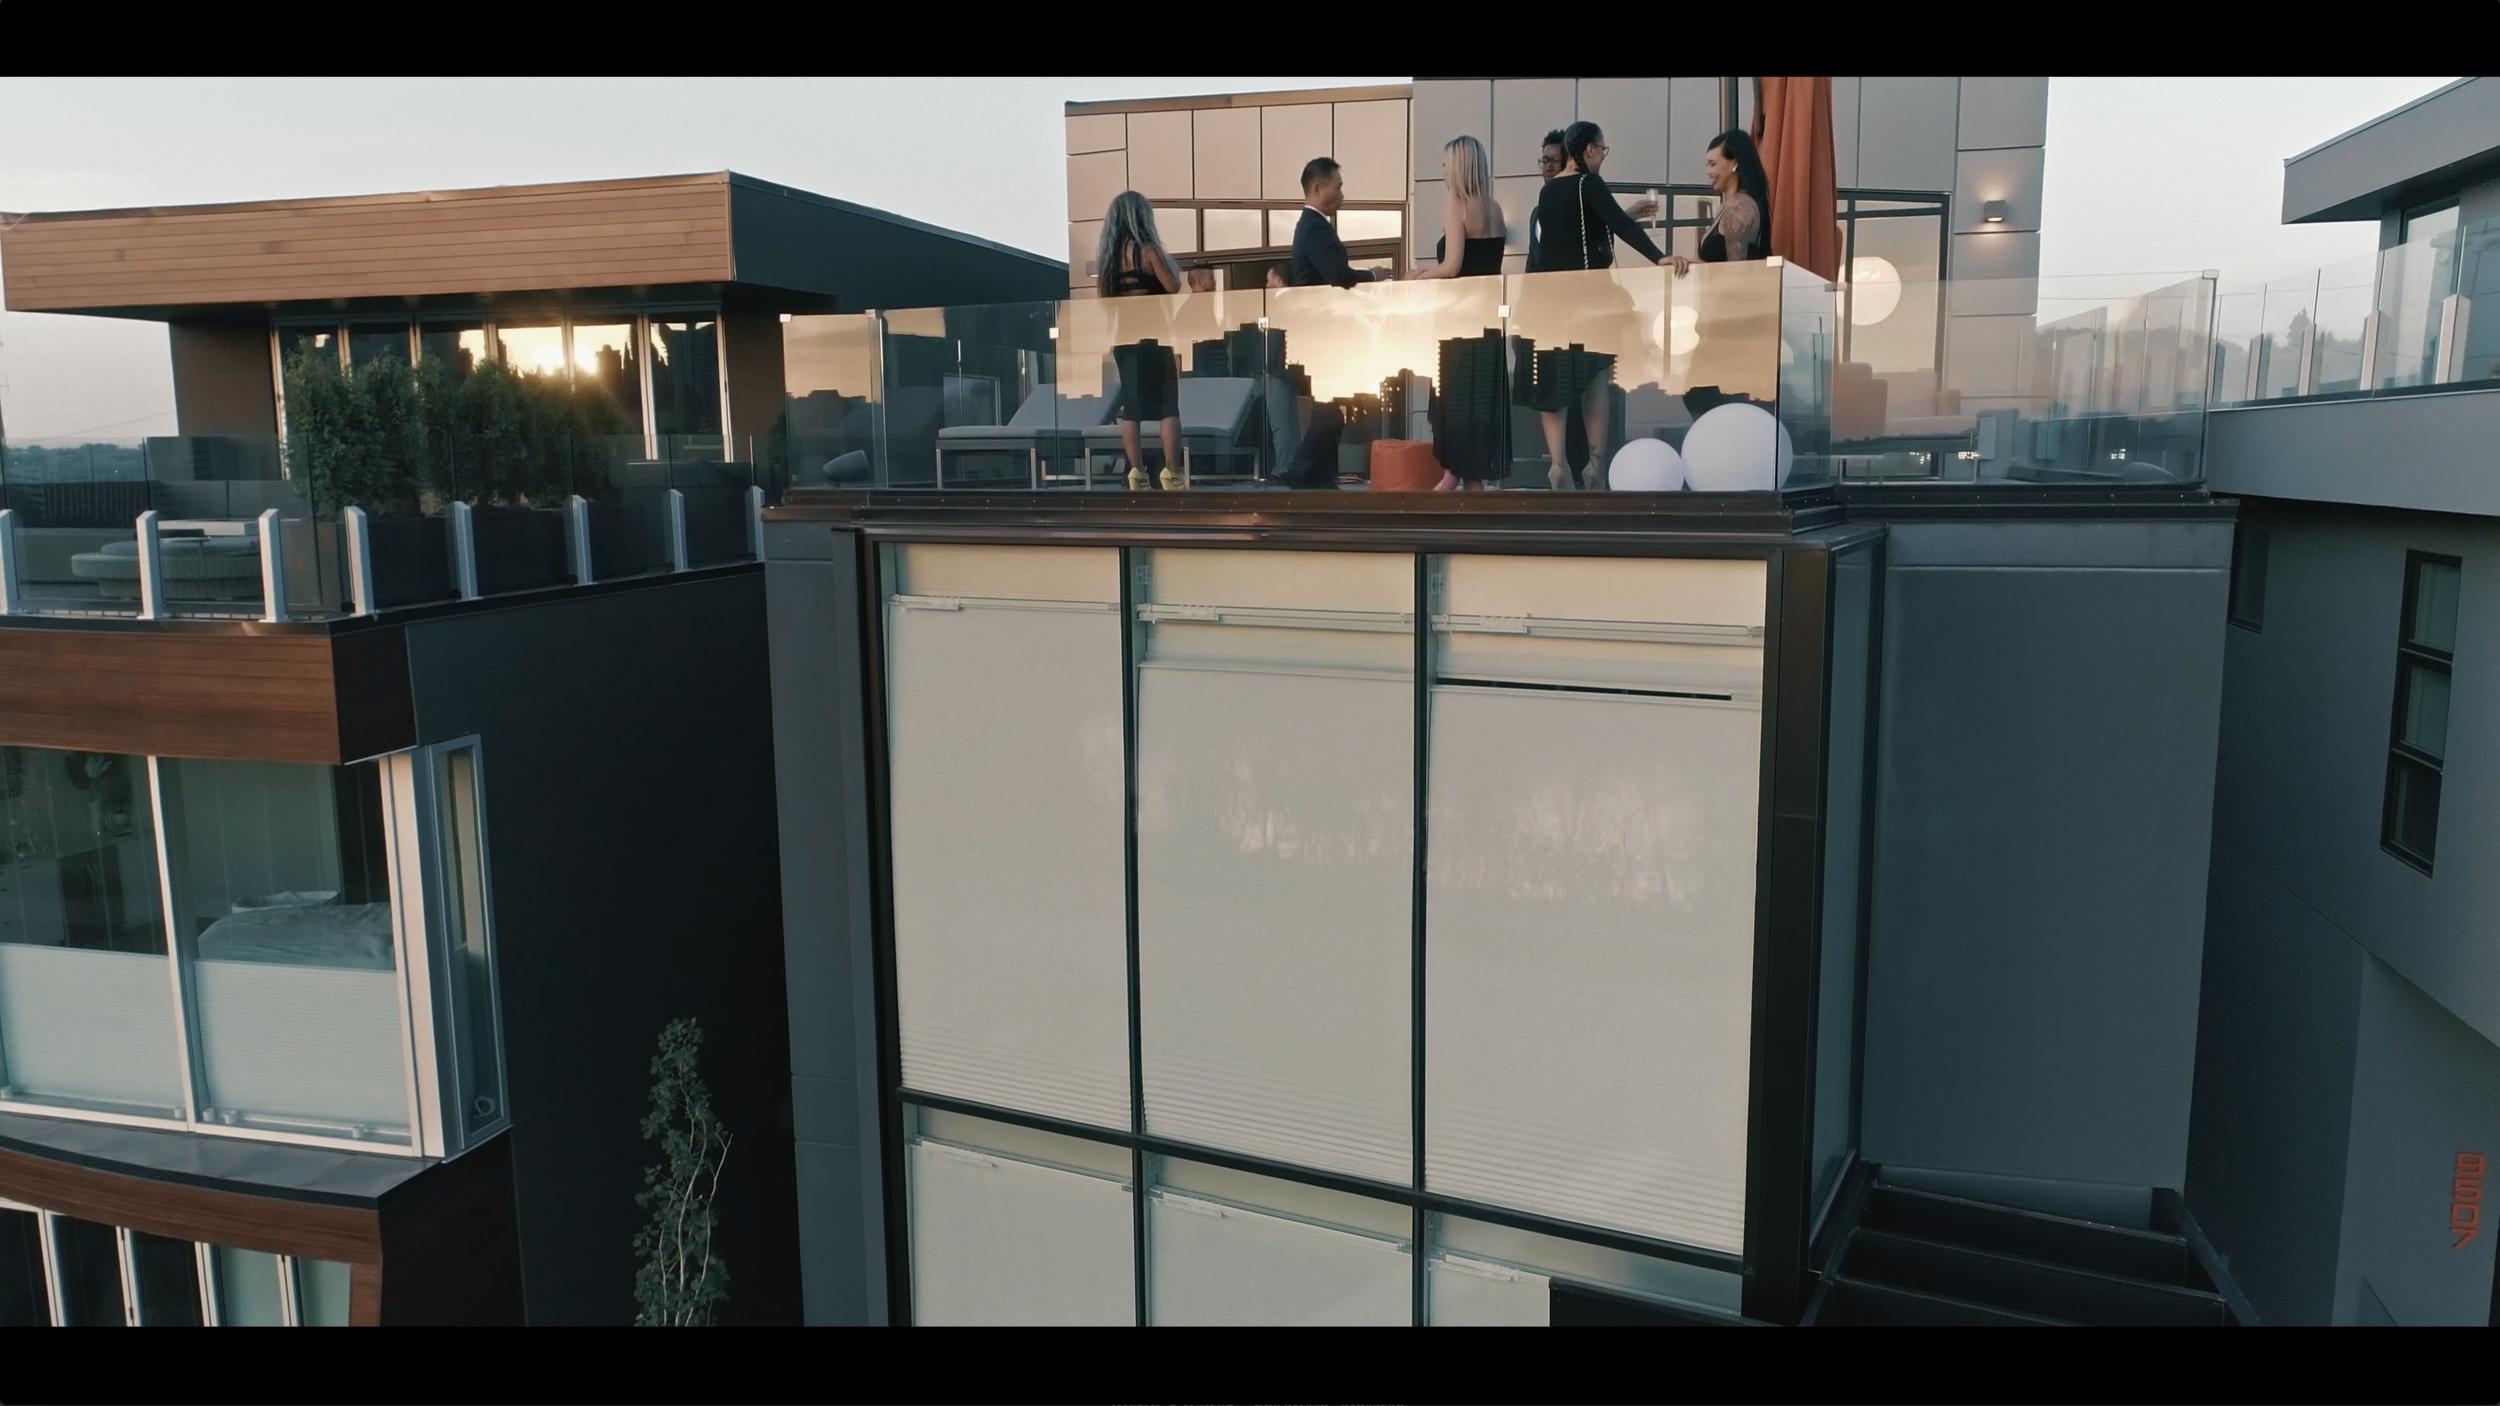 Screen Shot 2018-09-06 at 8.35.37 AM.png